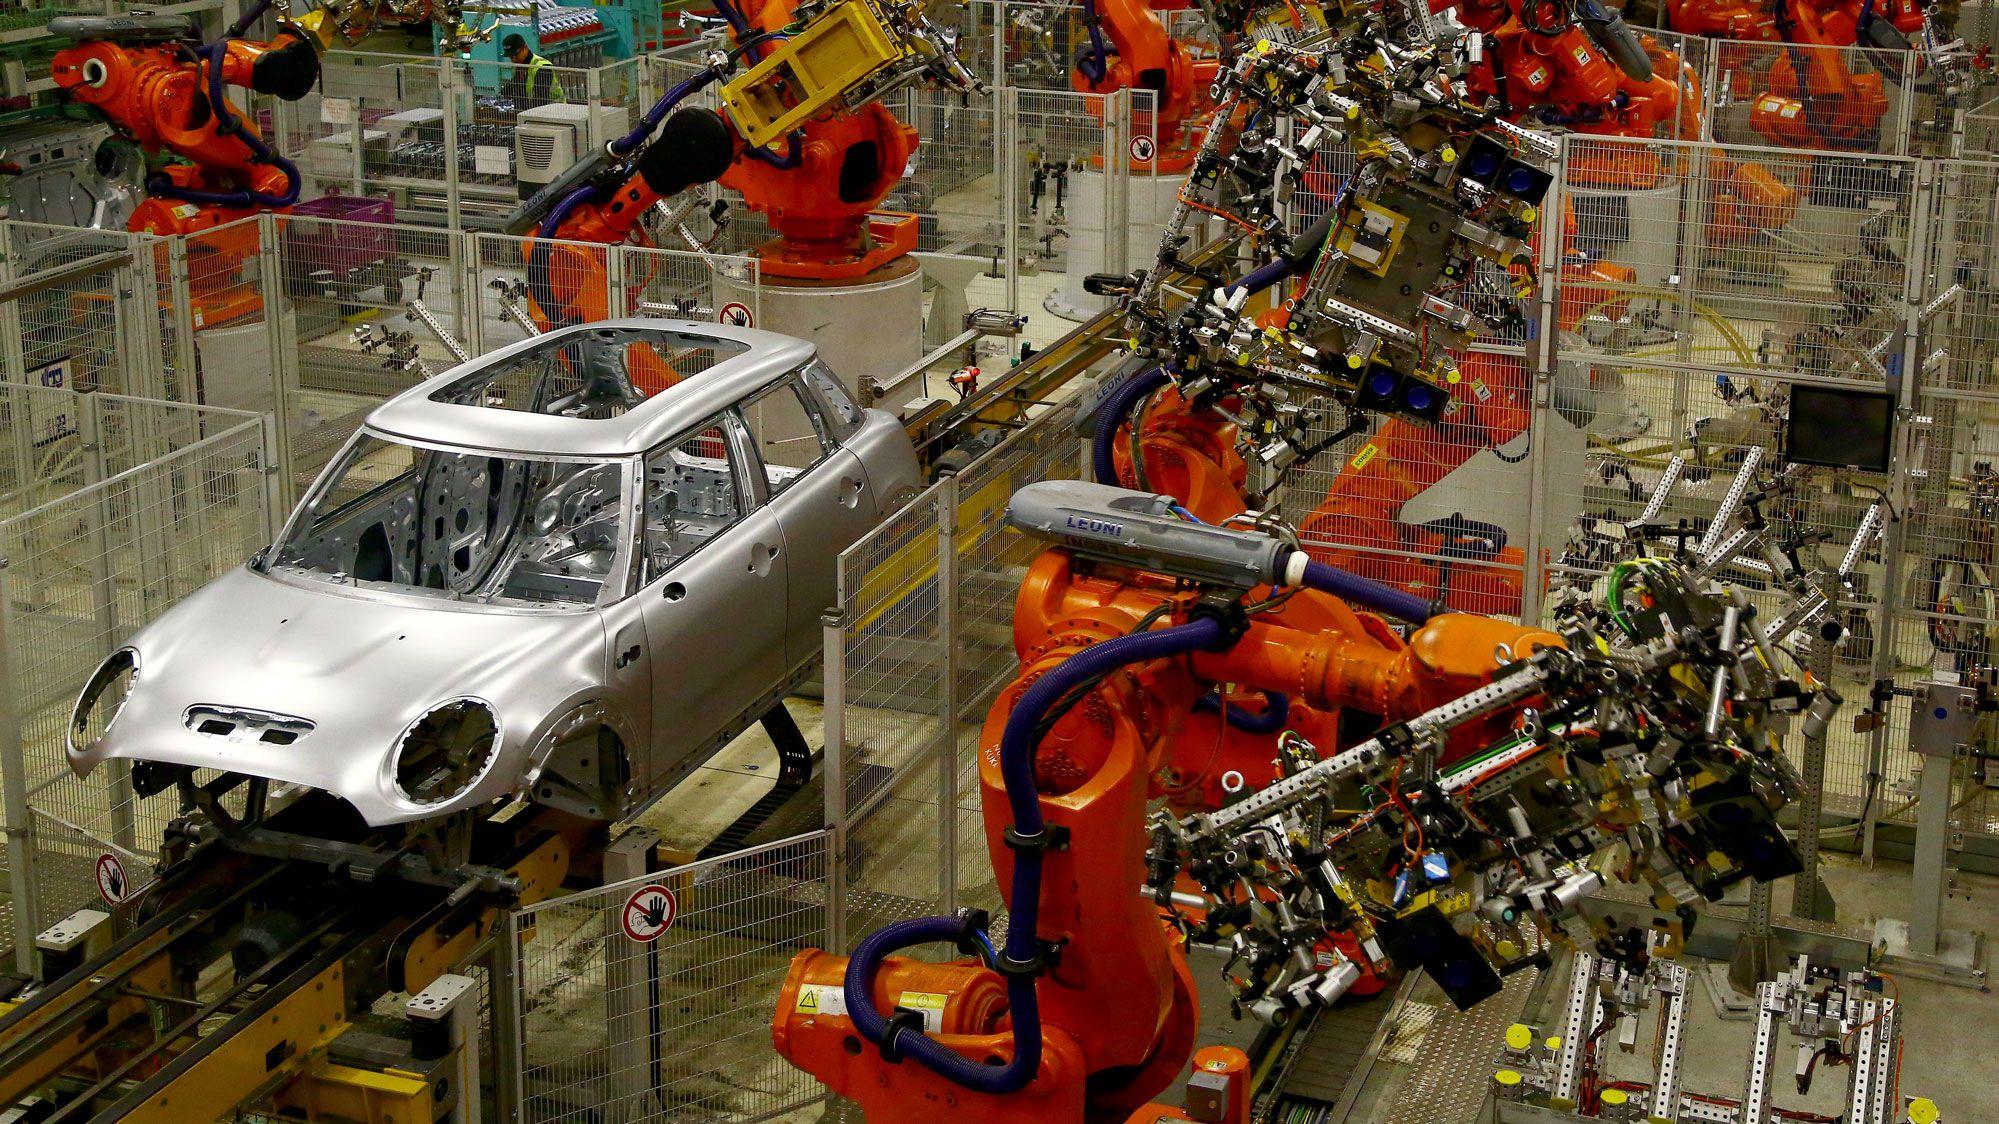 ロボットは米国の雇用を実際に奪っていることが判明